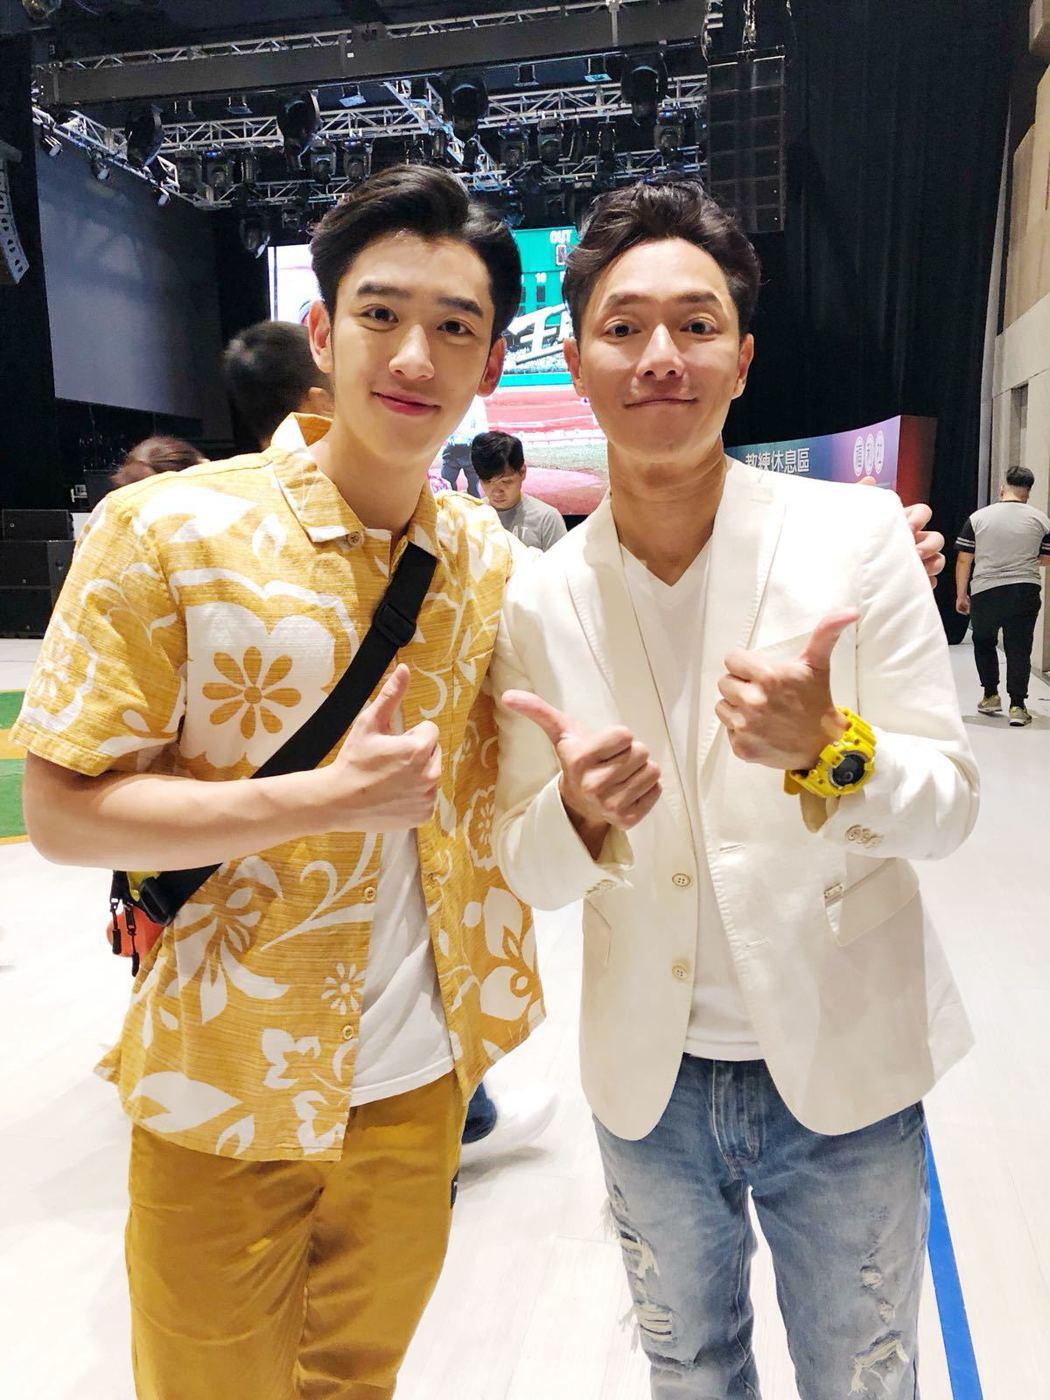 陳慕參演電影「王牌教師麻辣出擊」和謝祖武(右)合影。圖/經紀人提供